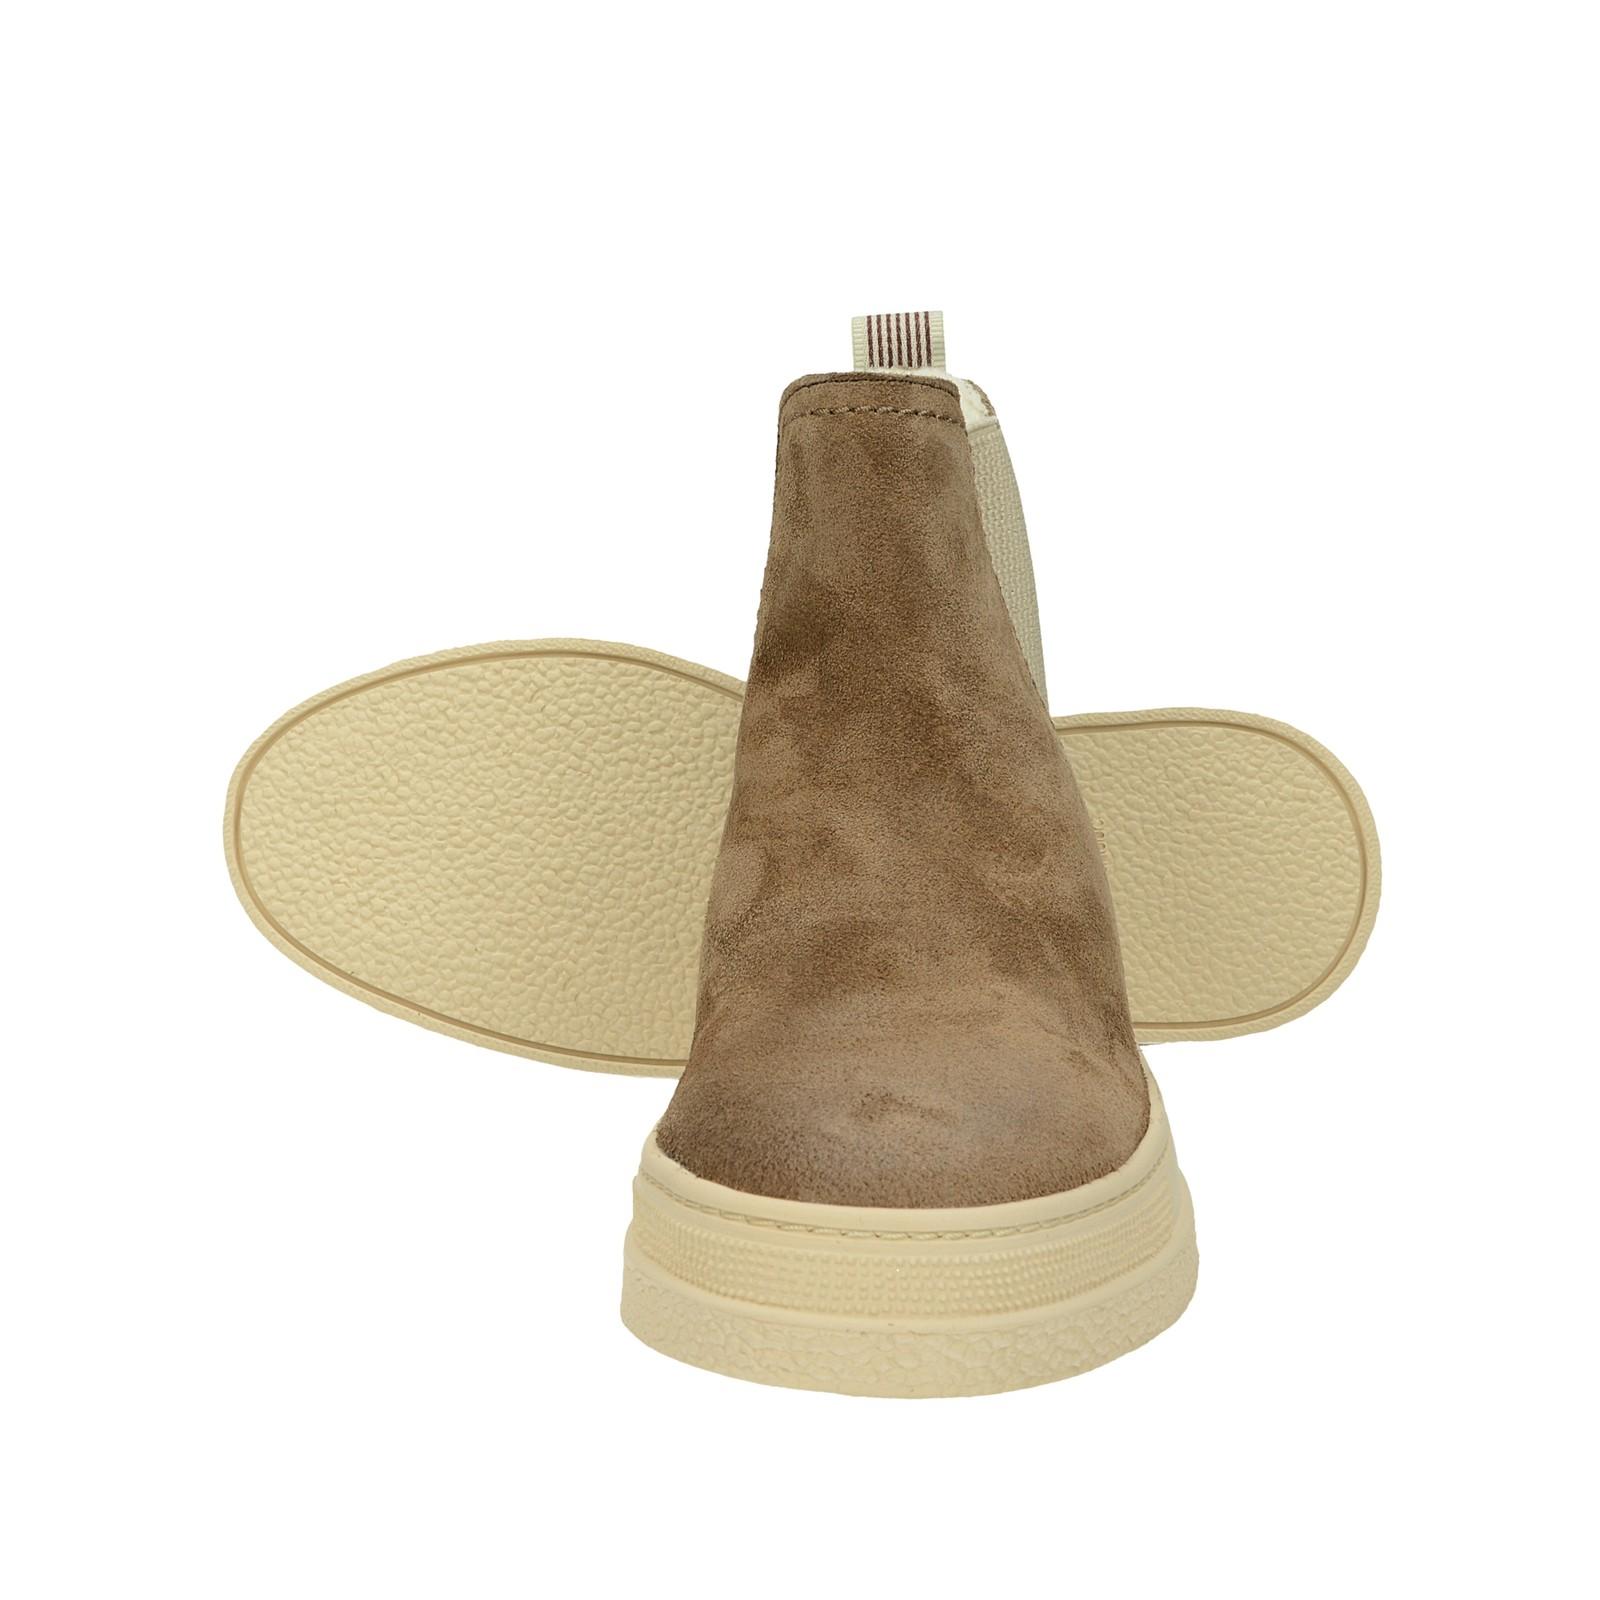 Gant dámske štýlové semišové kotníky - hnedé